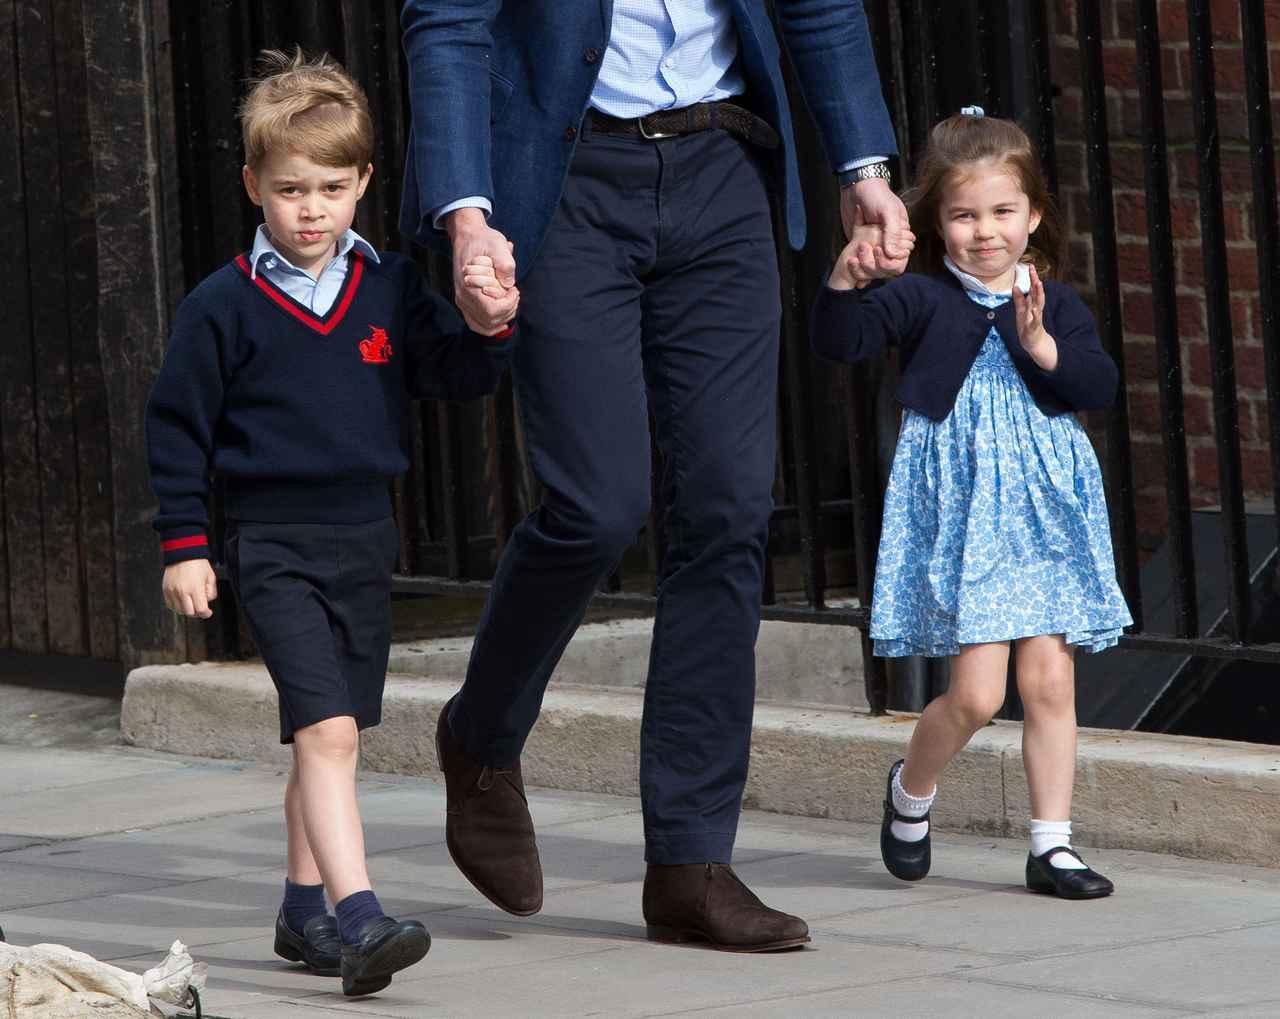 画像2: シャーロット王女、2歳とは思えない神対応をみせる